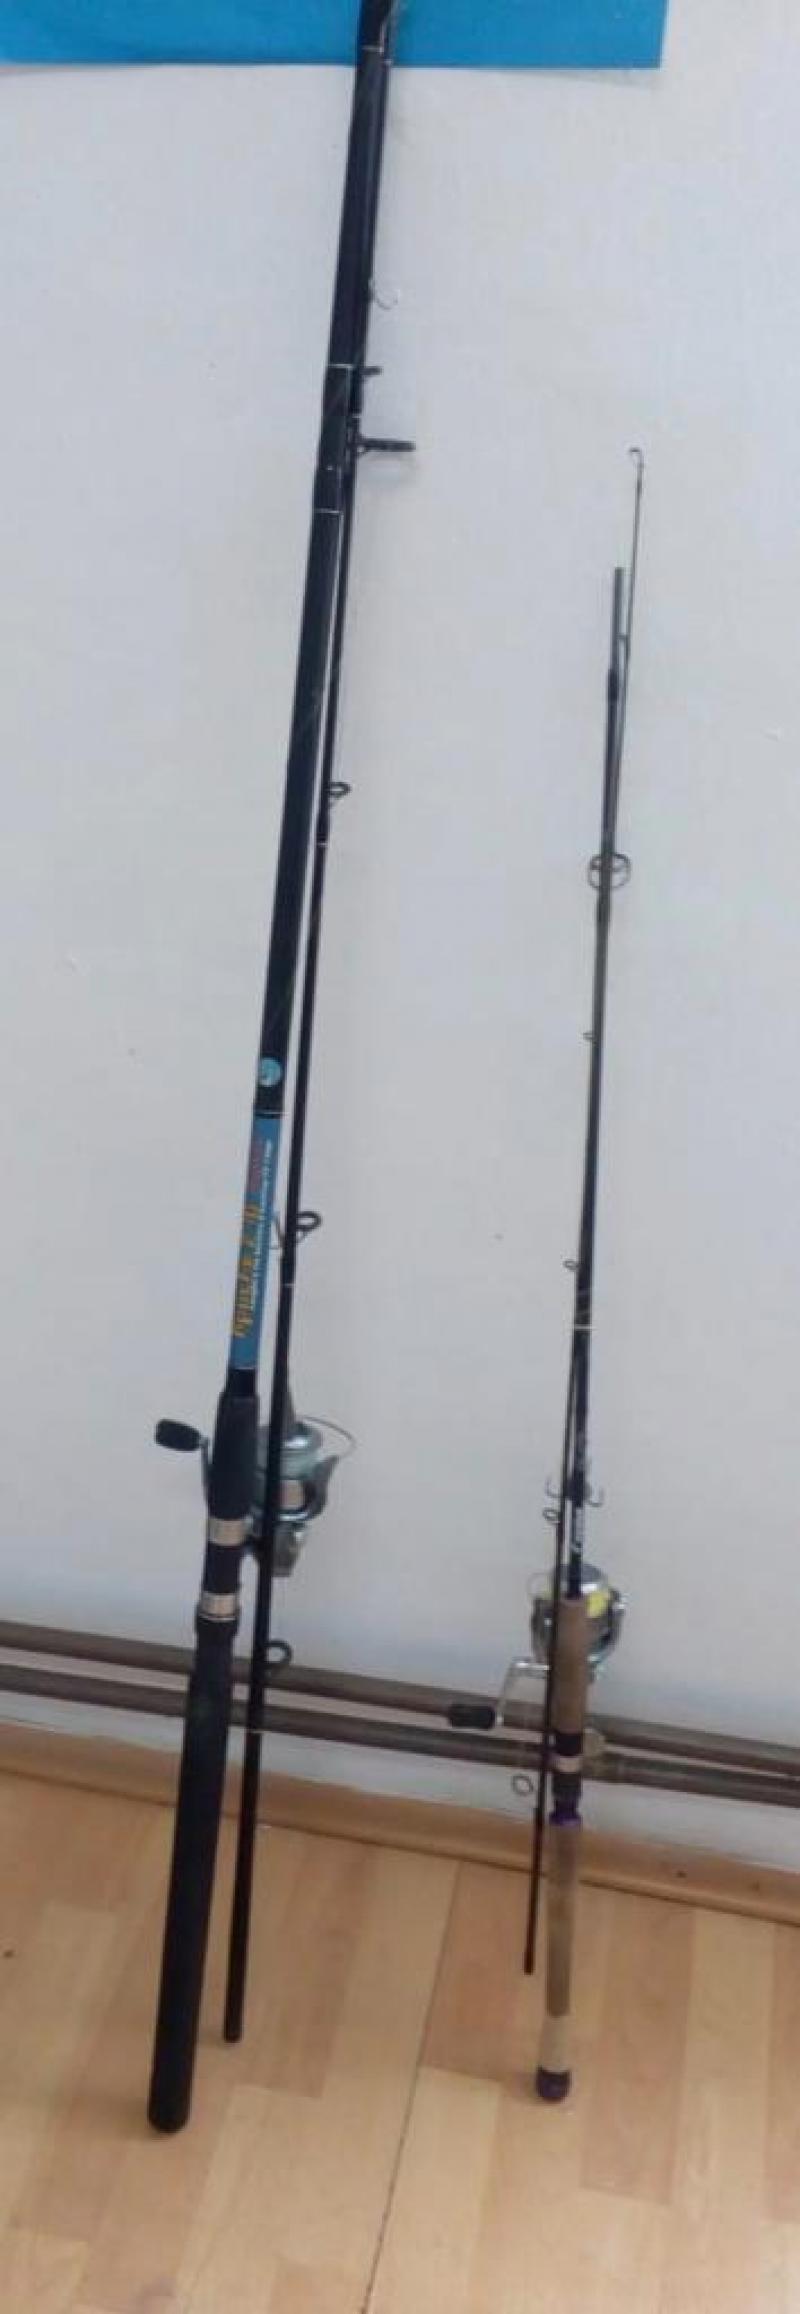 Doi bărbați din Frumușeni au fost prinși de polițiști în timp ce pescuiau ilegal